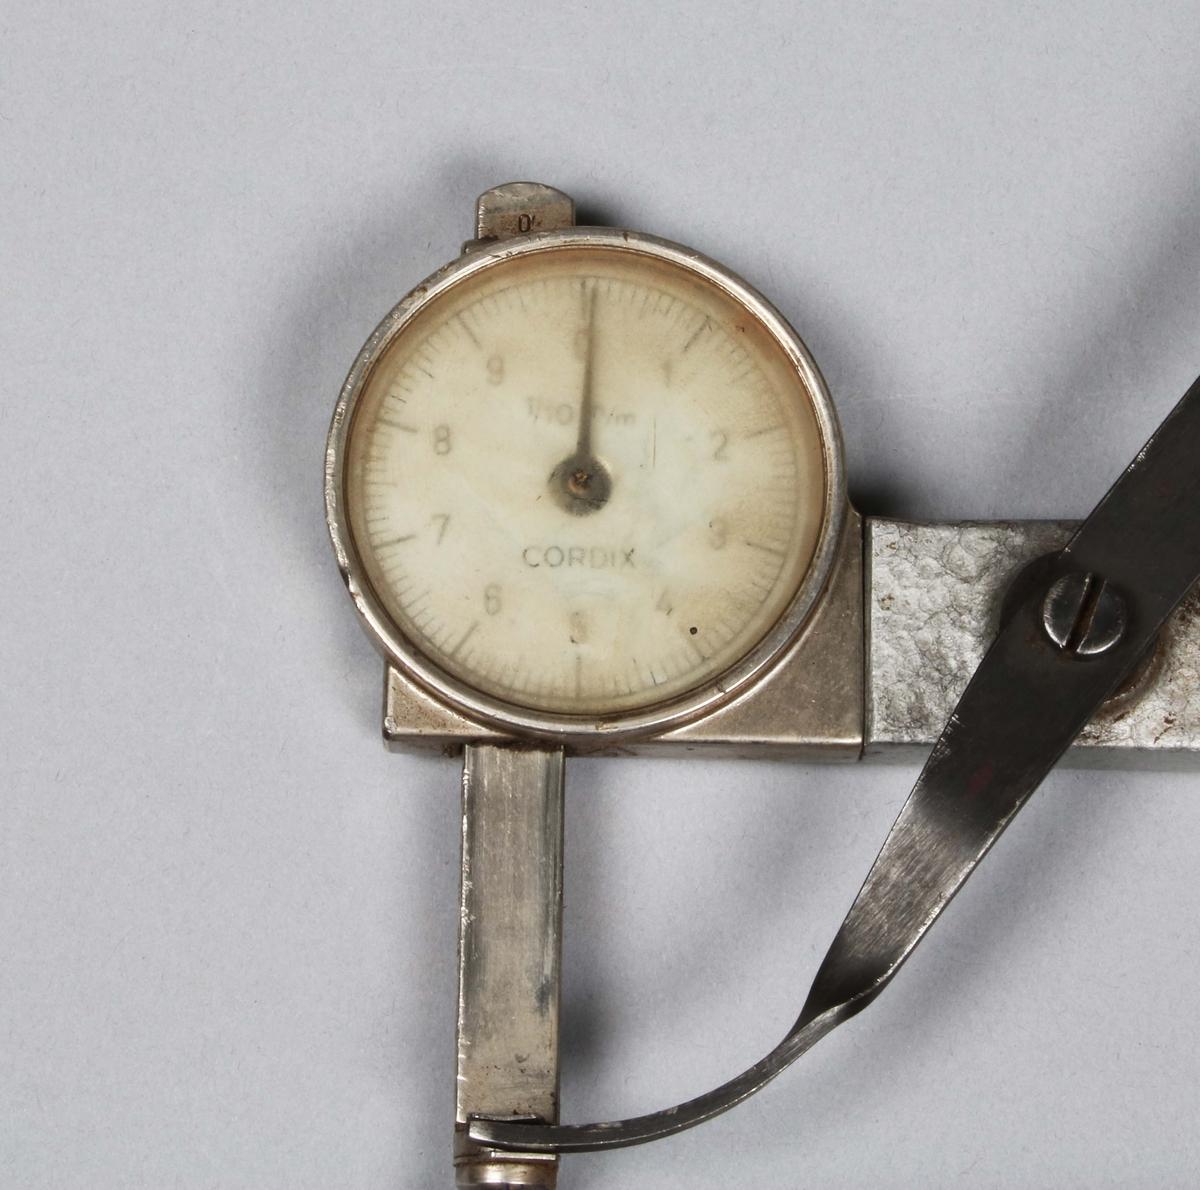 Mätinstrument i grå lättmetall med rund siffertavla, graderad 1-9. Under glaset märkt: CORDIX 1/10 m/m. Användes för att mäta tjocklek på olika läderkvaliteter för skotillverkning. Proveniens Wiskania Sko AB, Borås.  Historik:  N.H Ljungberg startade år 1903 en läderaffär på Allégatan i Borås och företaget utvidgades och kom även omfatta partiförsäljning av skodon och galoscher. År 1916 startade Ljungberg läderfabriken vid Gässlösavägen. Fabrikens produktion bestod till en början huvudsakligen av bottenläder men utökades senare till att även innefatta diverse ovanläder och sulläder. Under 1940-talet bildades ett antal dotterbolag till företaget för tillverkning av skor och tofflor. Vid den här tiden fanns det 75 anställda vid fabriken i Borås. Samtliga bolag som var knutna till fabriken samlades senare under företagsnamnet Wiskaniabolagen. År 1969 ingick AB Ljungbergs läderfabrik, AB Ljungbergia, Sko AB Wiskania samt försäljningsbolaget Wiskania AB i bolaget. År 1972 blev Wiskania Sko AB löntagarägt, av drygt 100 anställda gick 92 personer in och blev delägare i bolaget. Verksamheten vid Wiskania Sko AB lades ner under 1991.  En storsäljare ända in i nutid, var skor i allmogestil till folkdans och dylikt.